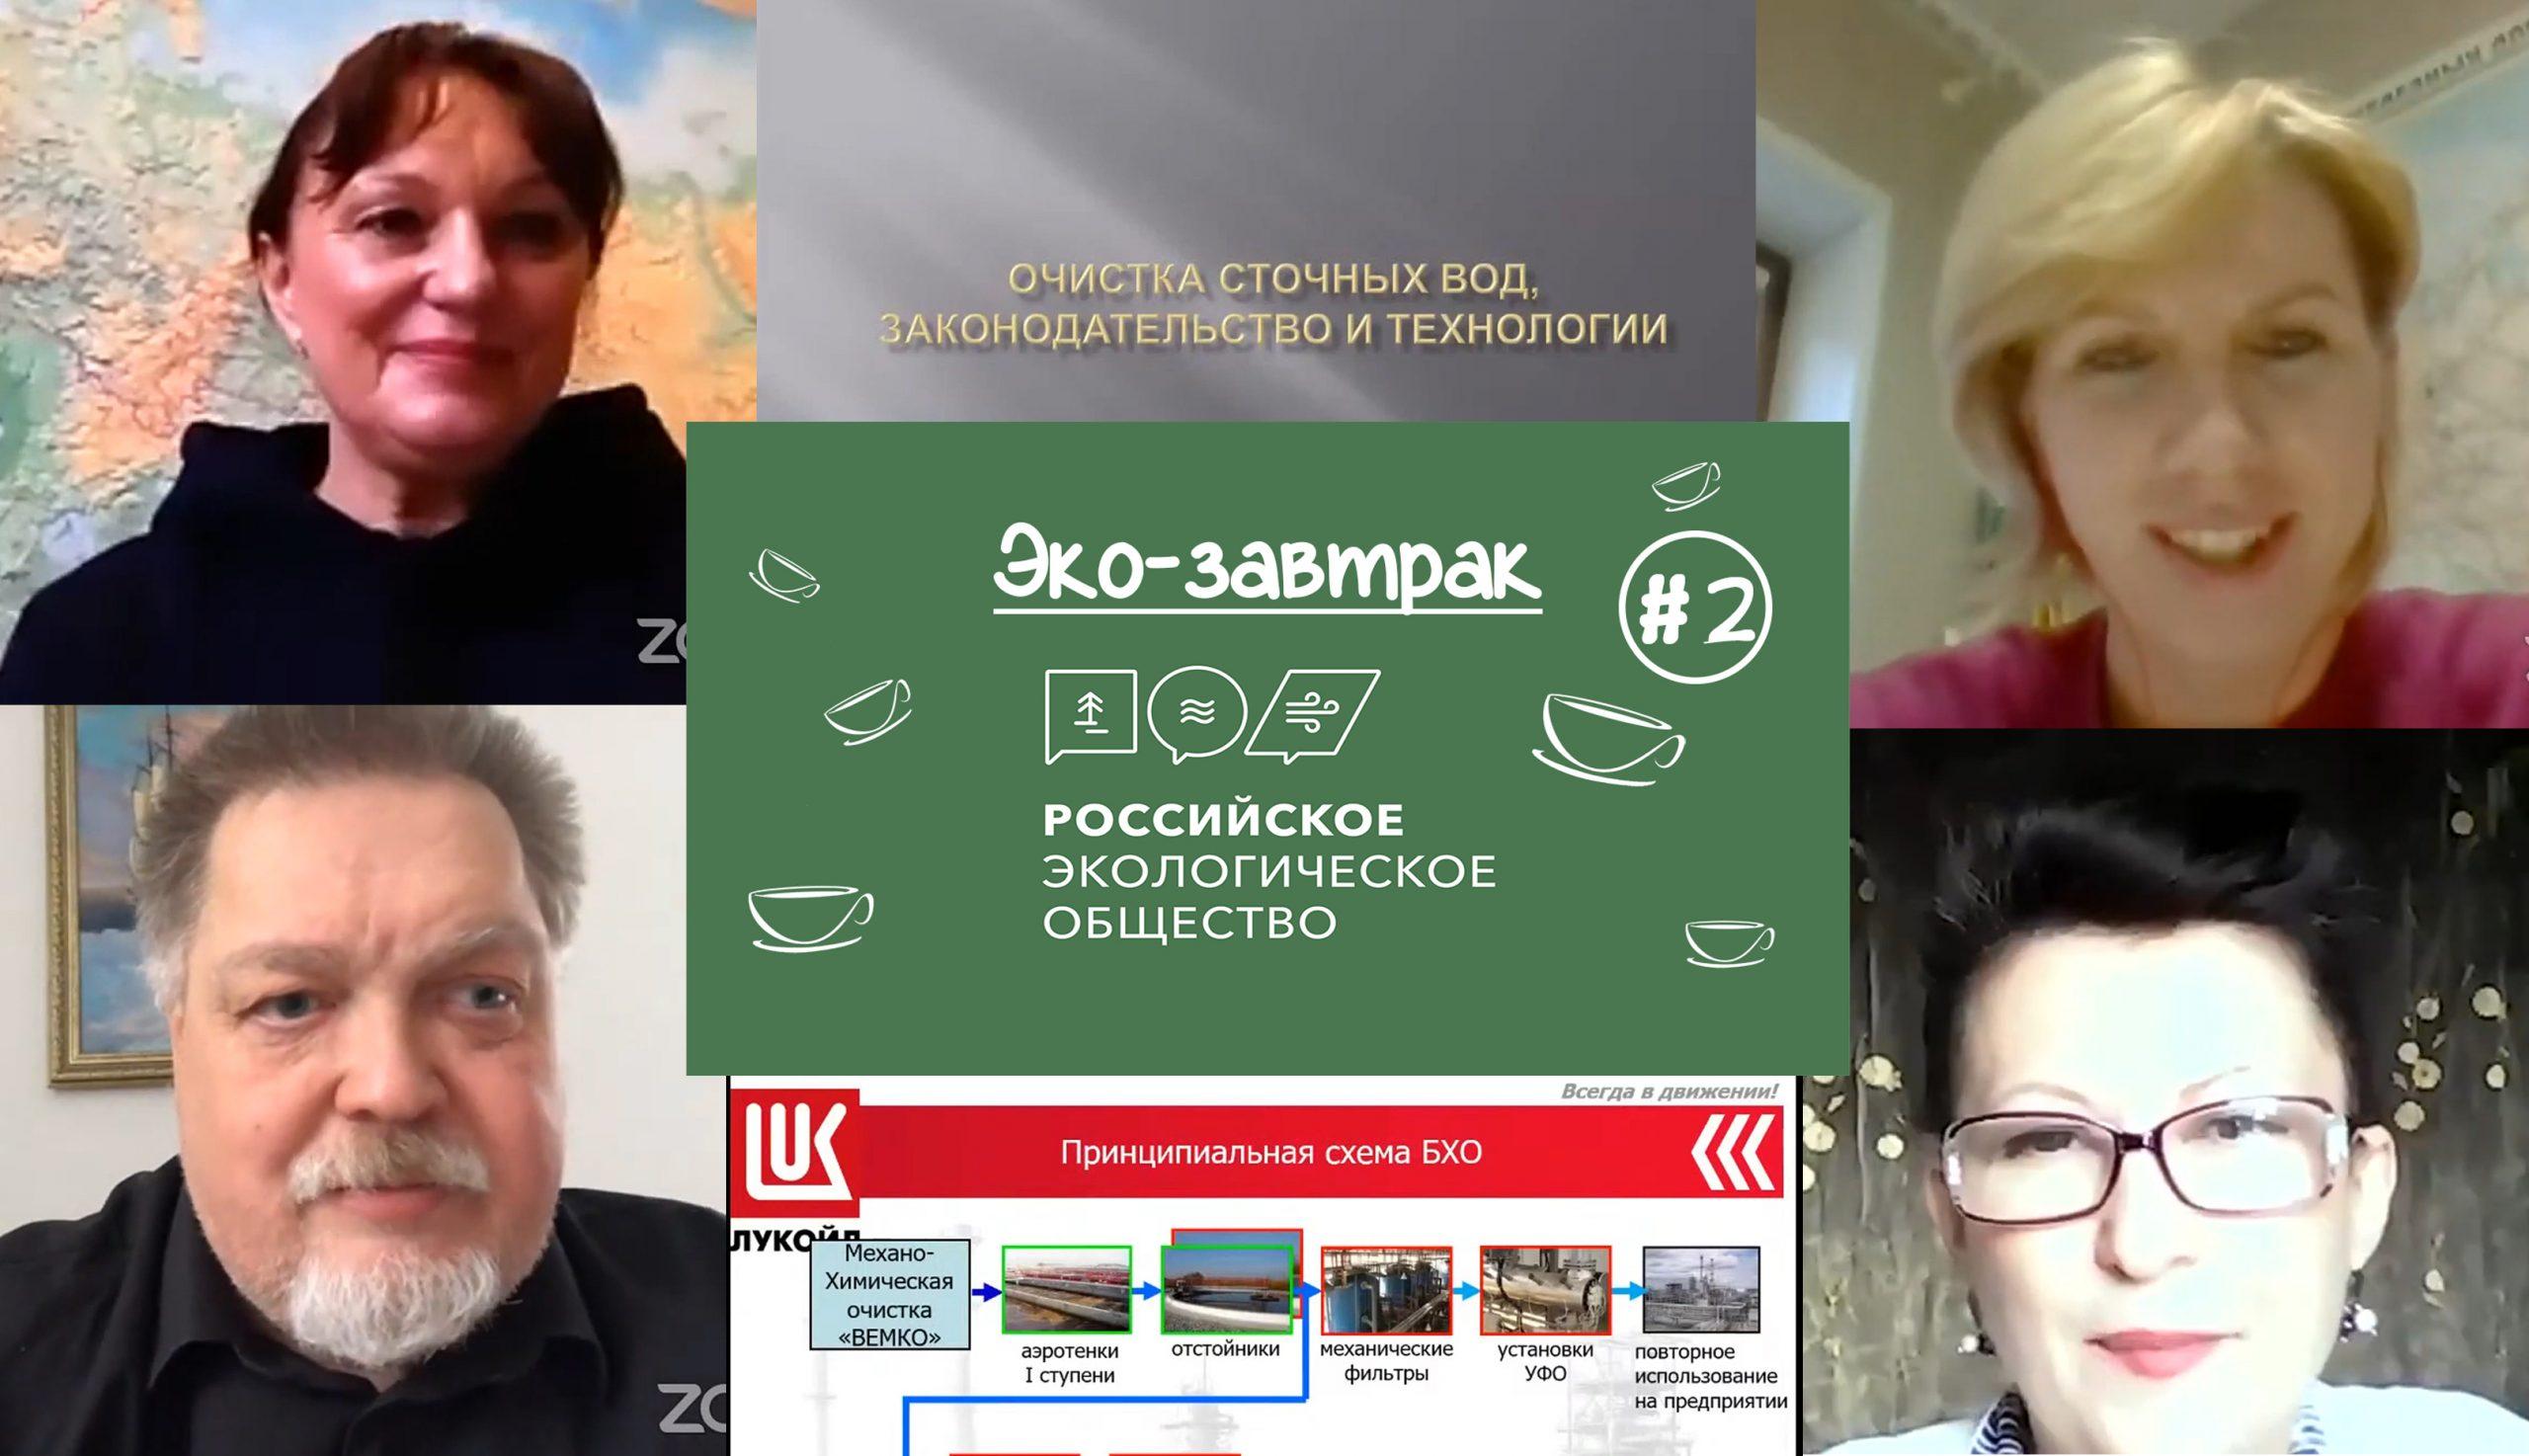 Эко-завтрак Российского экологического общества, посвященный технологиям очистки воды